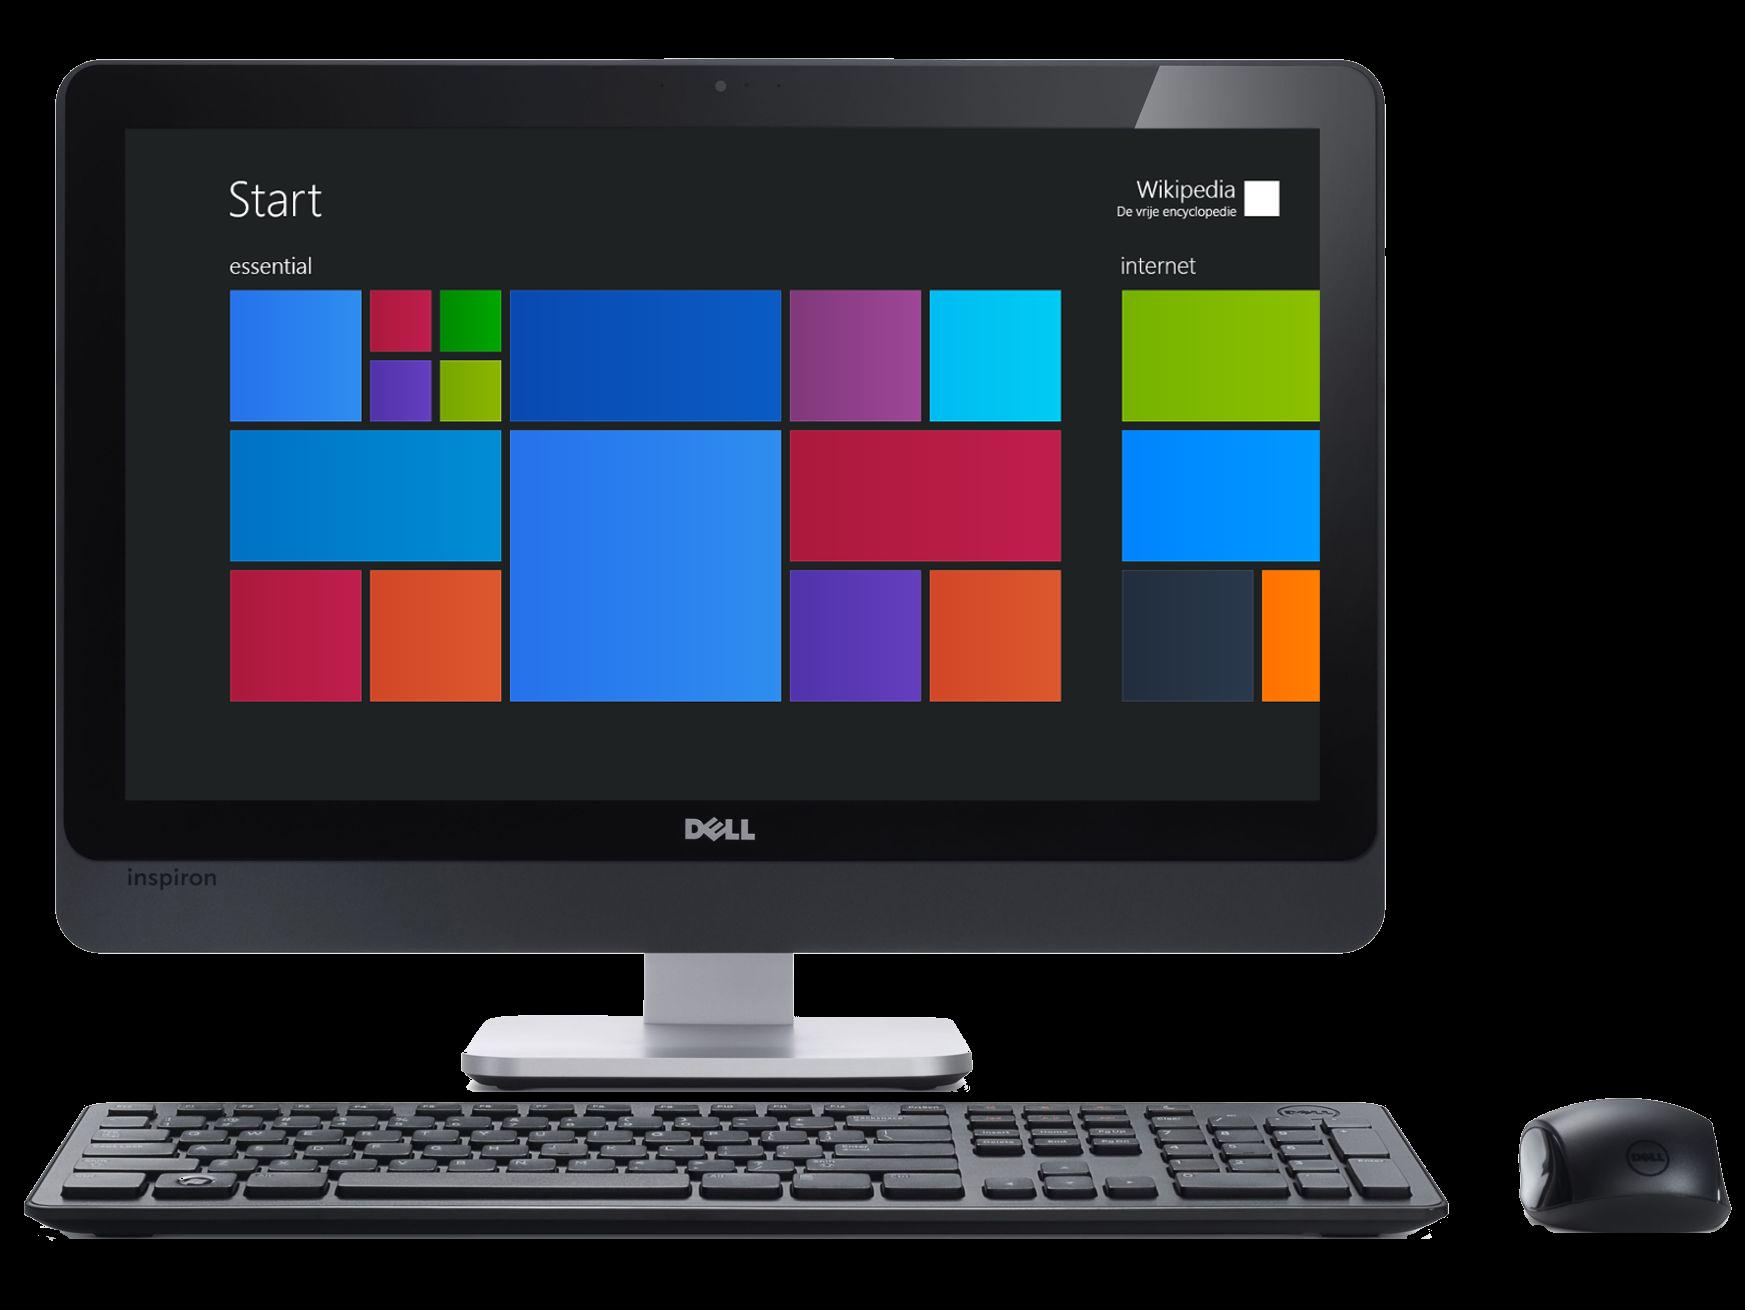 Dell PC